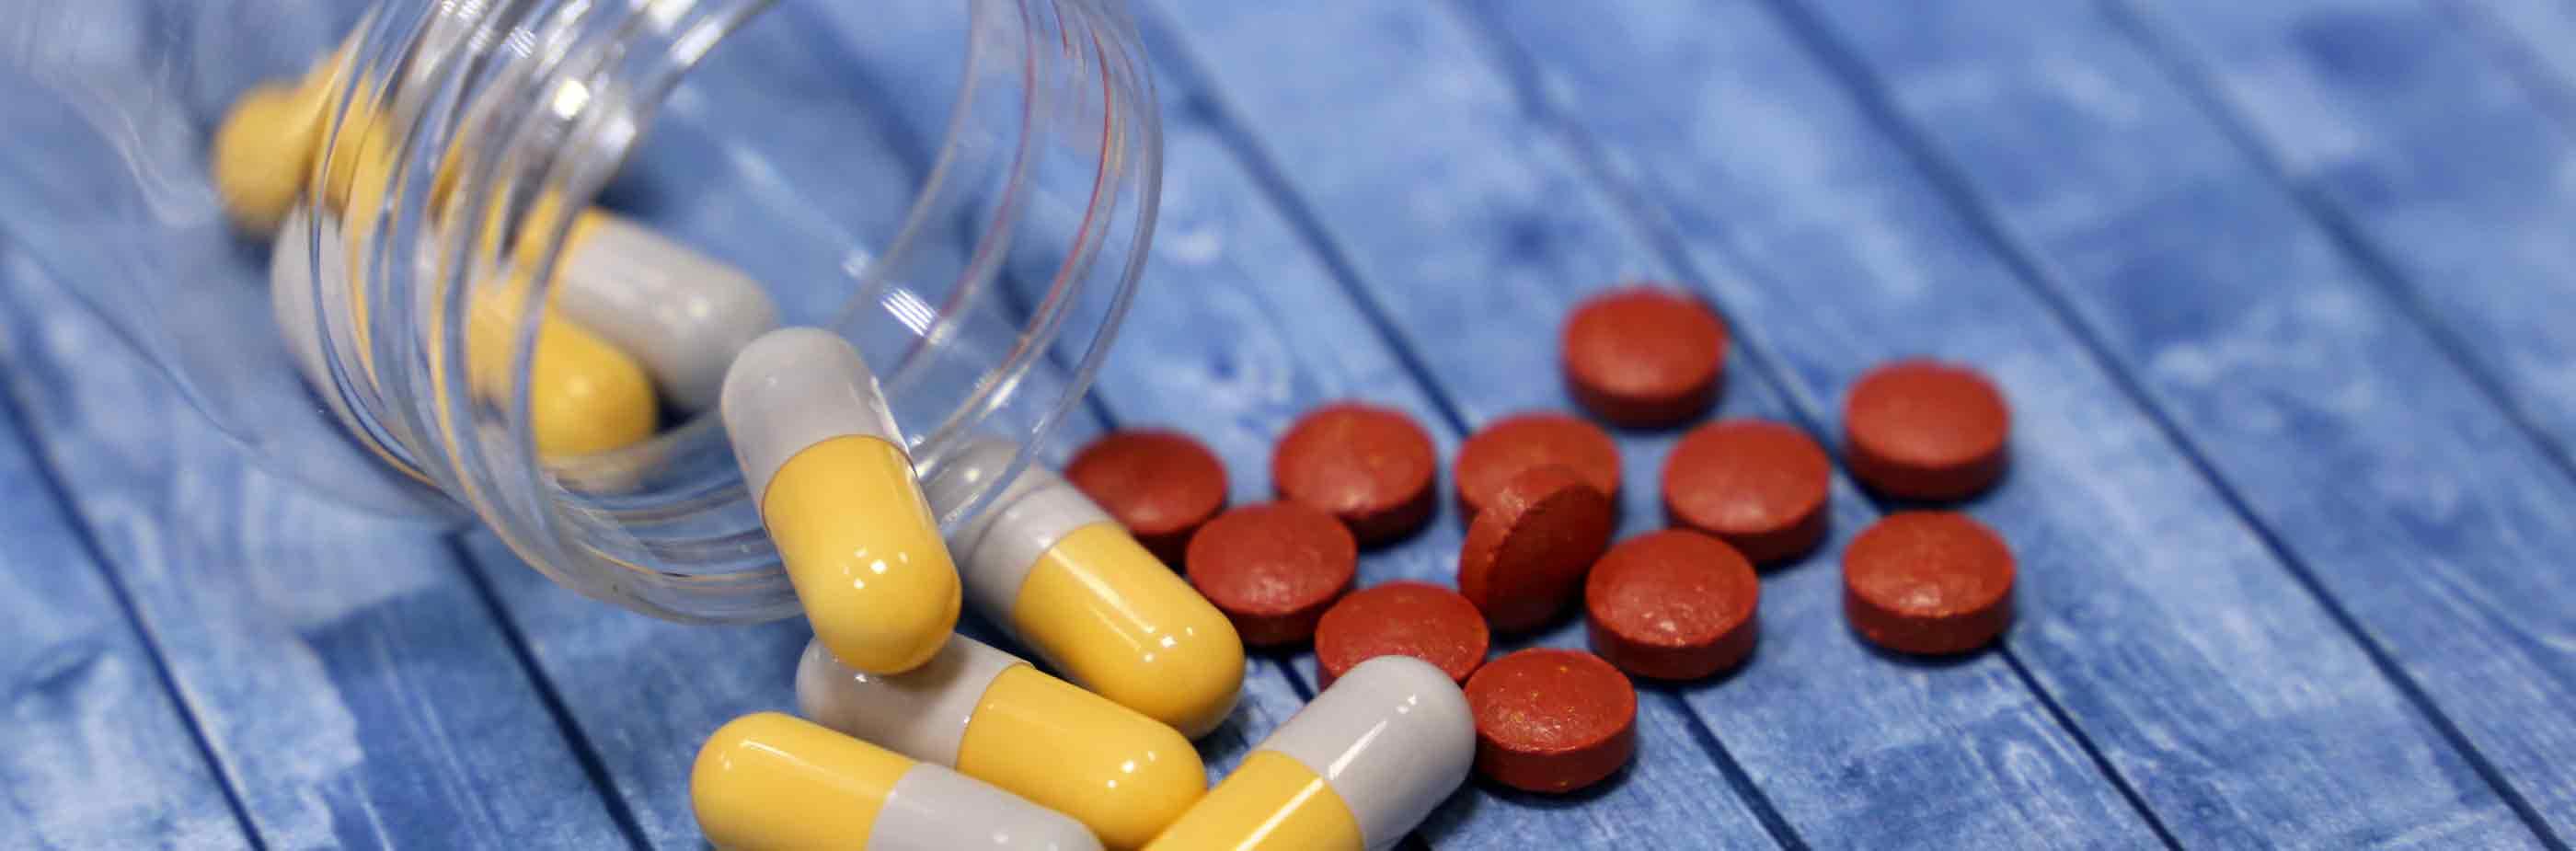 Serotonin Antagonist and Reuptake Inhibitor (SARI)